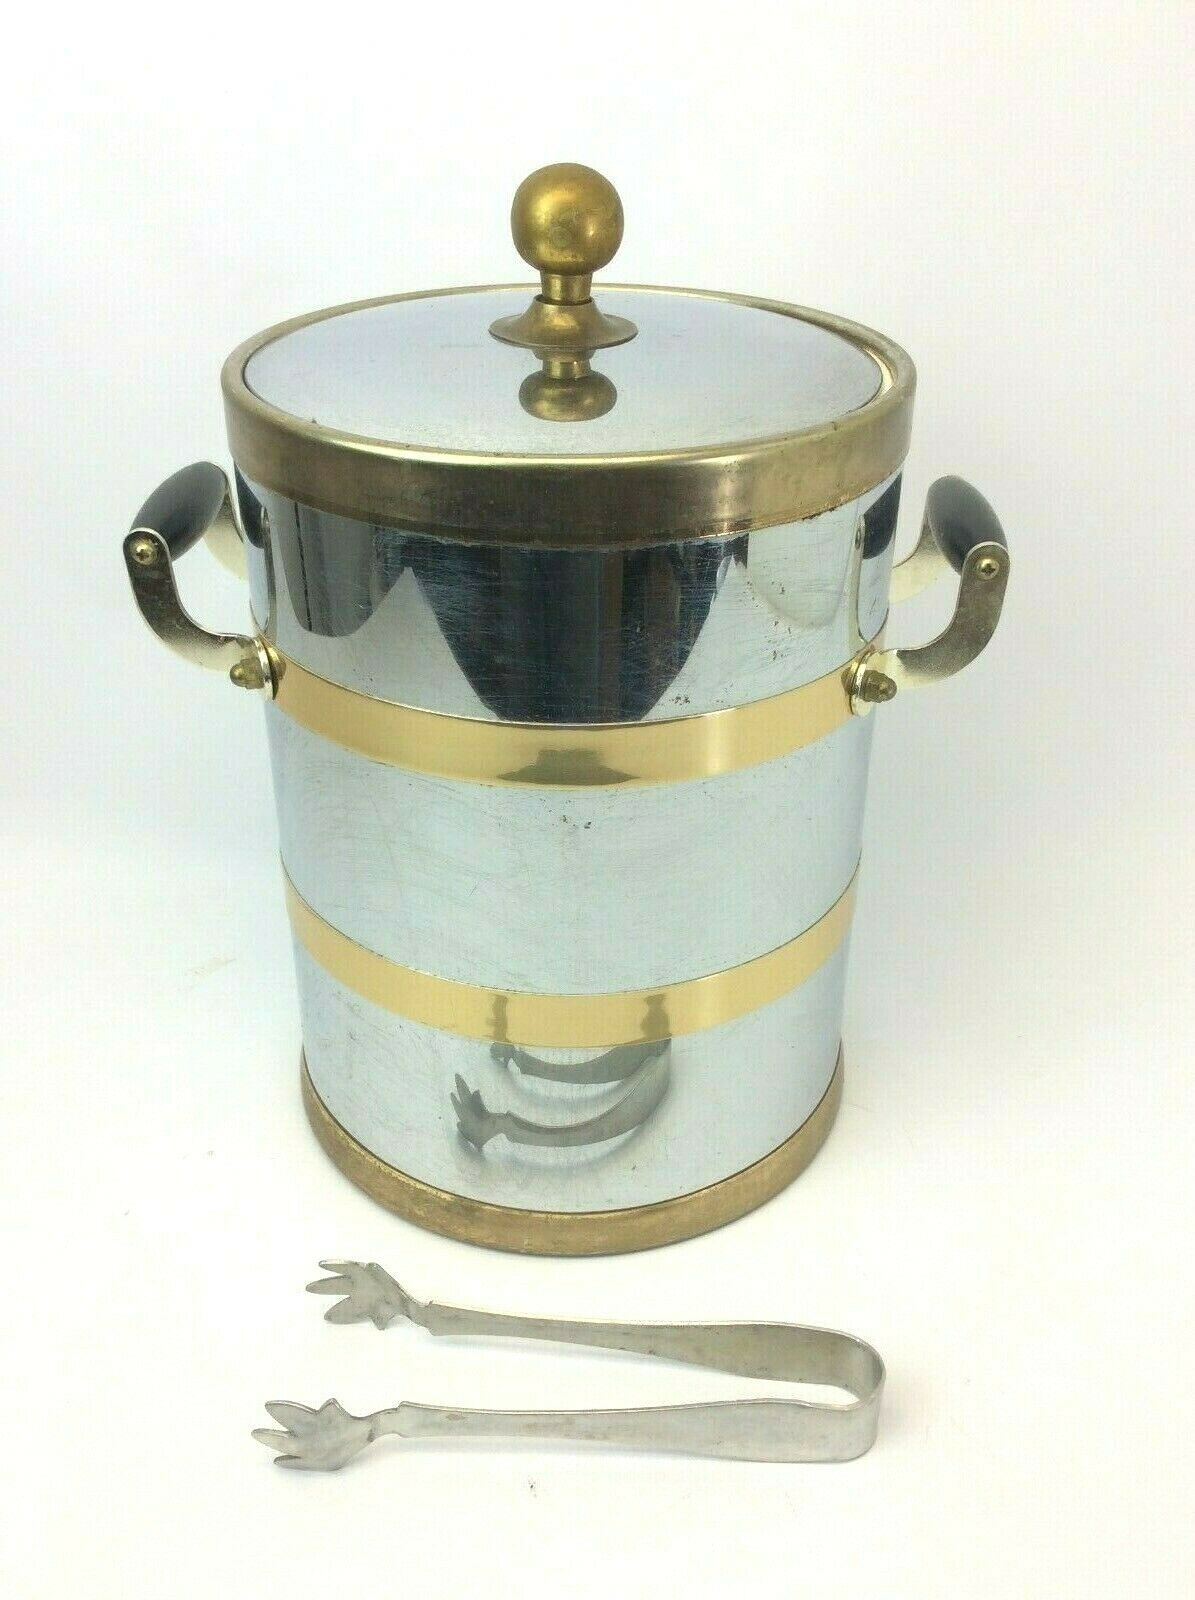 Vintage élégance par Craftware Métal Chrome Laiton Deux avec Poignée Glace Seau